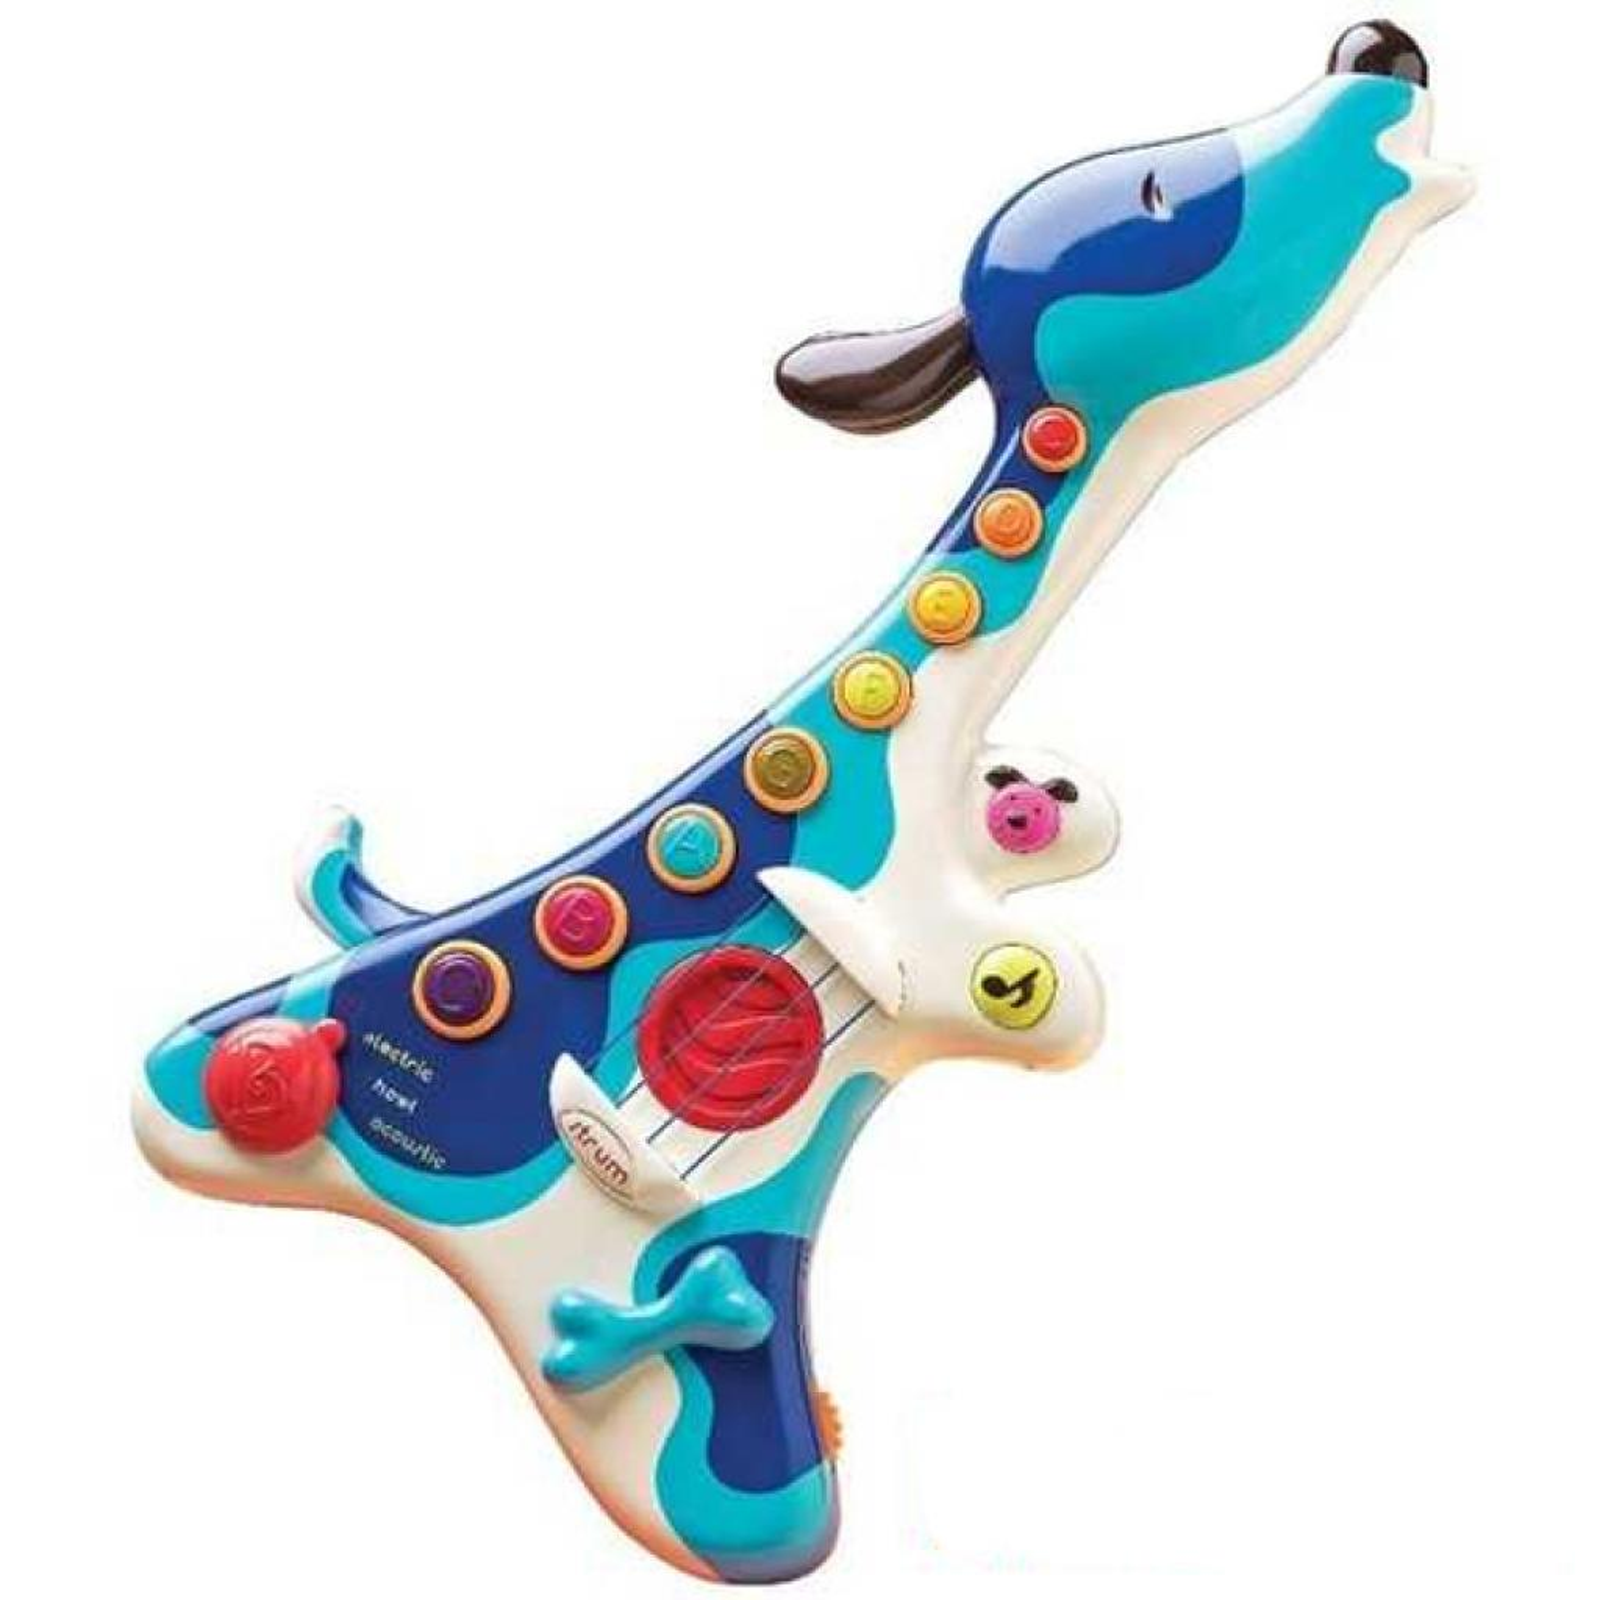 Музыкальная игрушка Battat Пес-гитарист (BX1206Z) изображение 2